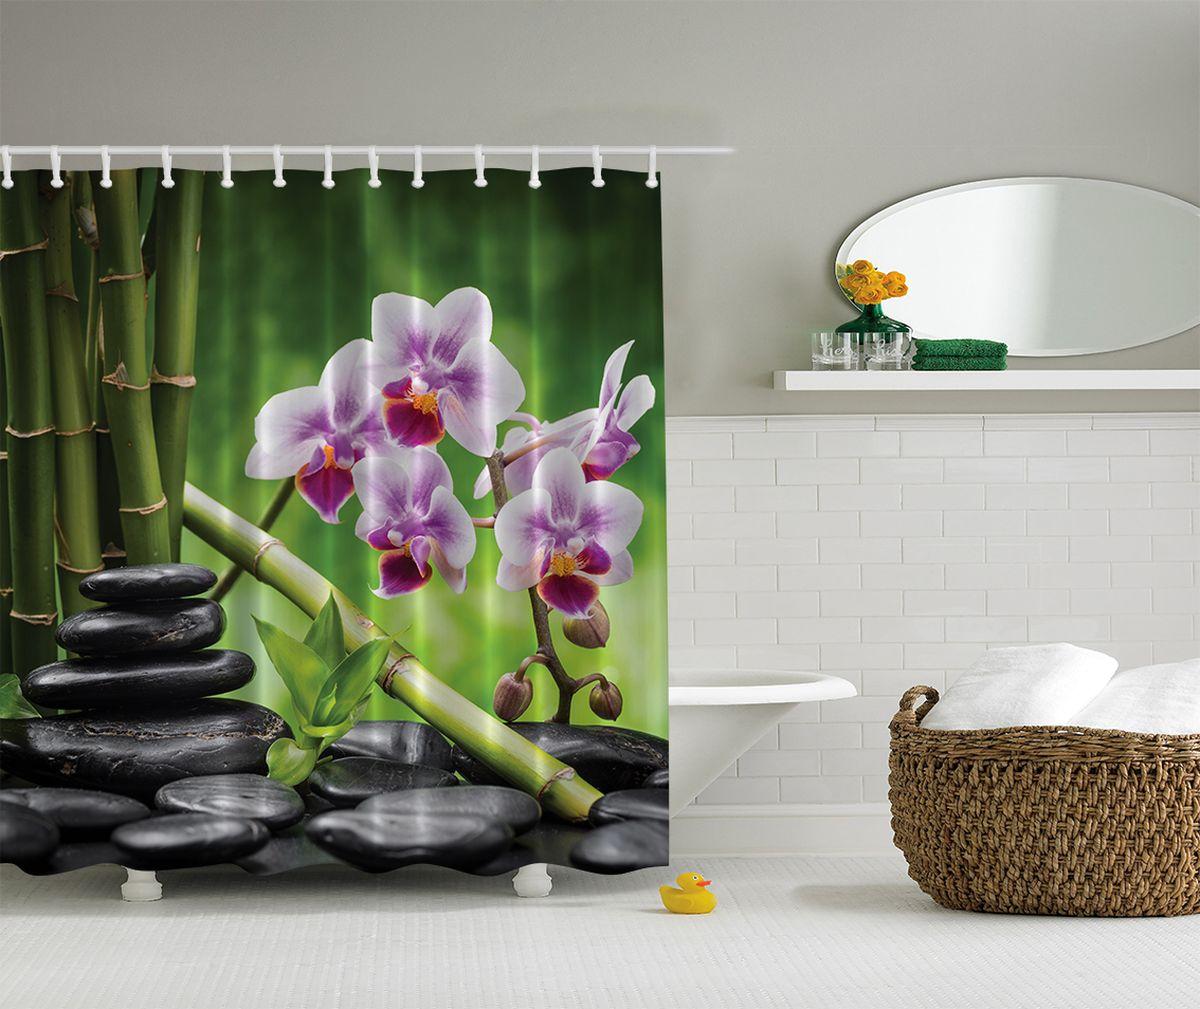 Штора для ванной комнаты Magic Lady Стиль Фен-шуй, 180 х 200 смшв_13793Штора Magic Lady Стиль Фен-шуй, изготовленная из высококачественного сатена (полиэстер 100%), отлично дополнит любой интерьер ванной комнаты. При изготовлении используются специальные гипоаллергенные чернила для прямой печати по ткани, безопасные для человека.В комплекте: 1 штора, 12 крючков. Обращаем ваше внимание, фактический цвет изделия может незначительно отличаться от представленного на фото.